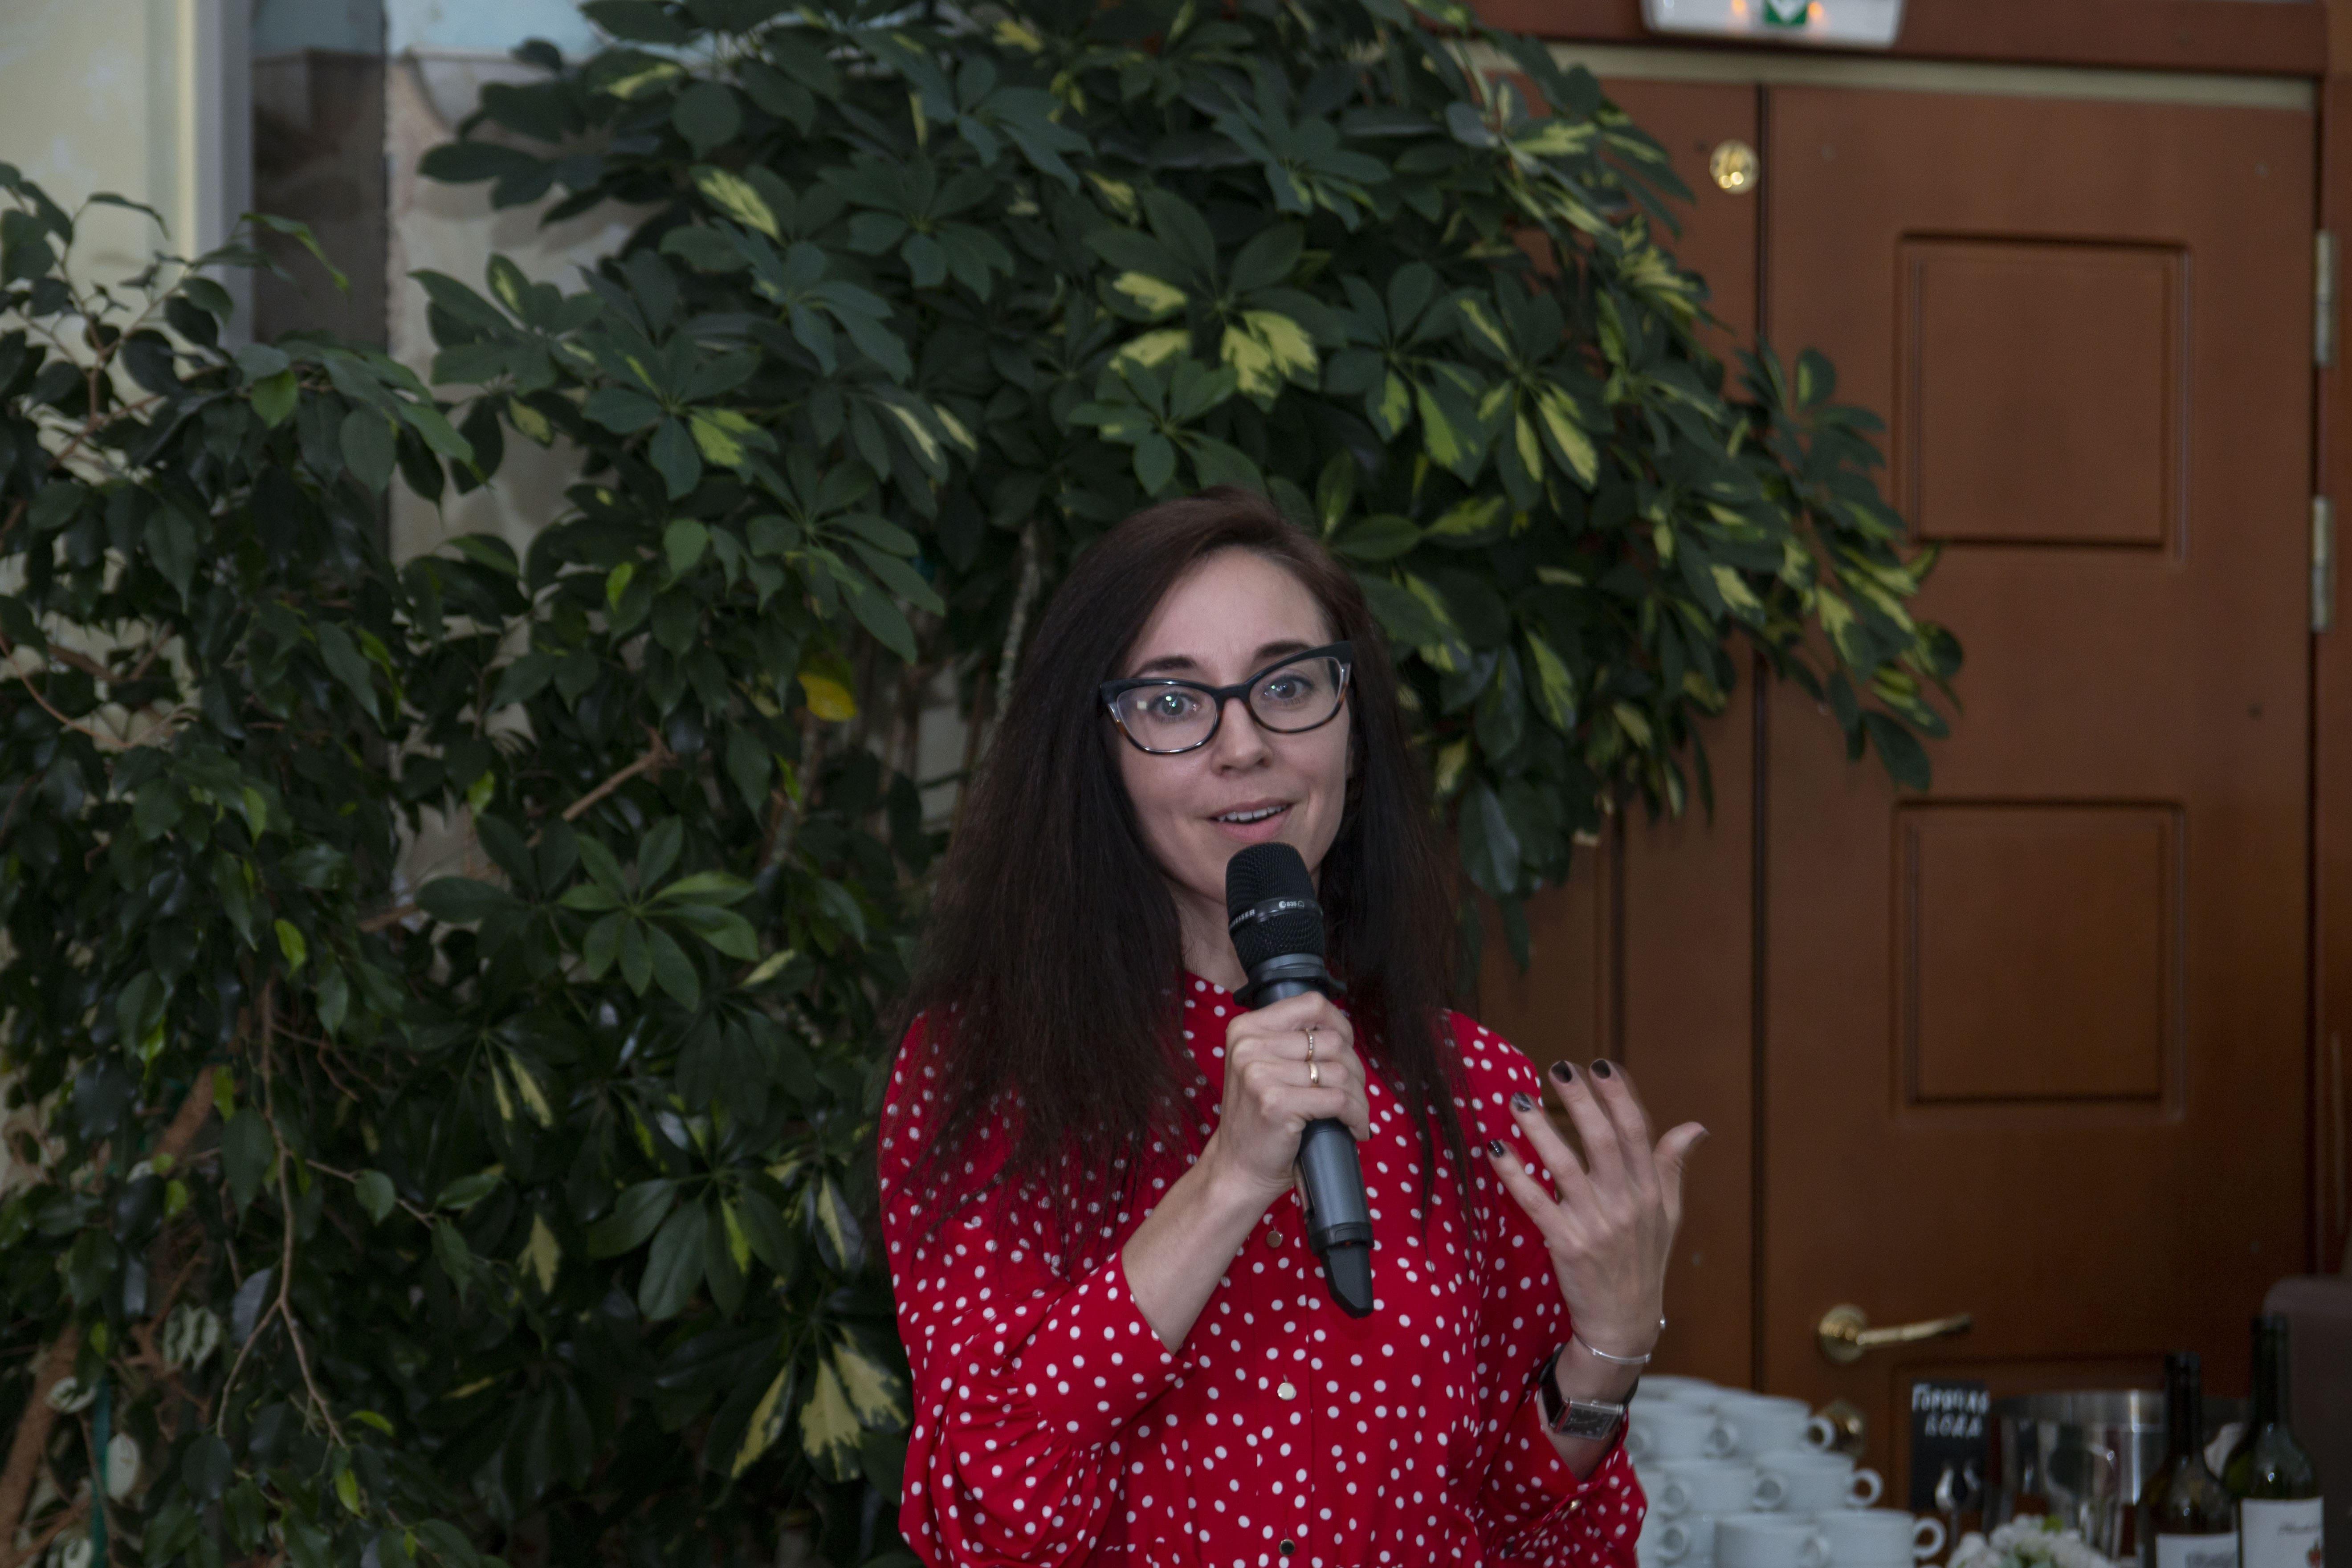 Заседание, посвященное старту конкурса грантовых проектов: эксперт конкурса Наталья Мишина